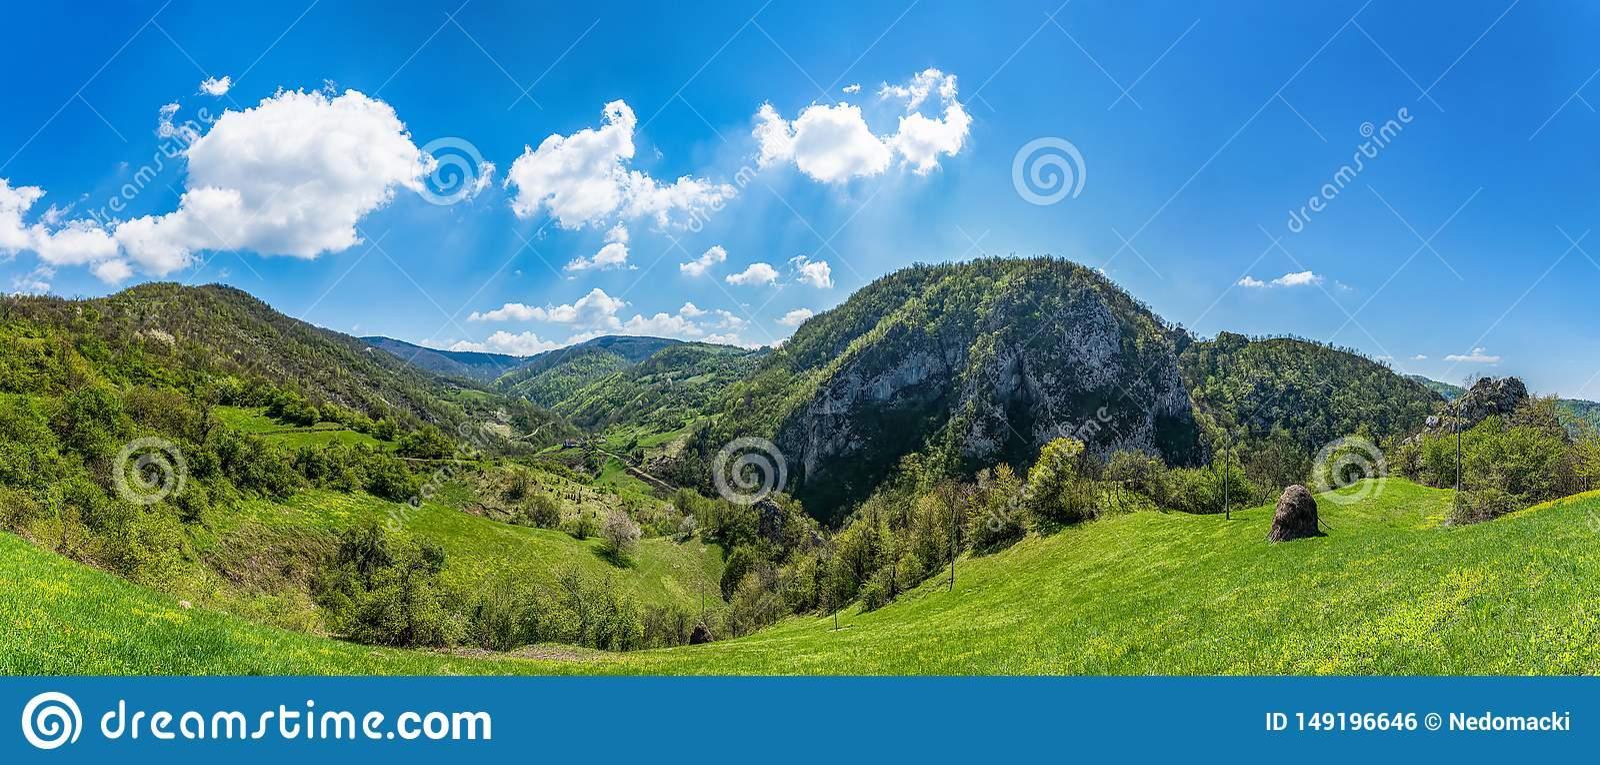 Berg in Servi? Servi?r: Sokolskaplanina dichtbij de stad van Krupanj Het behoort tot de lagere bergen, met hoogste po